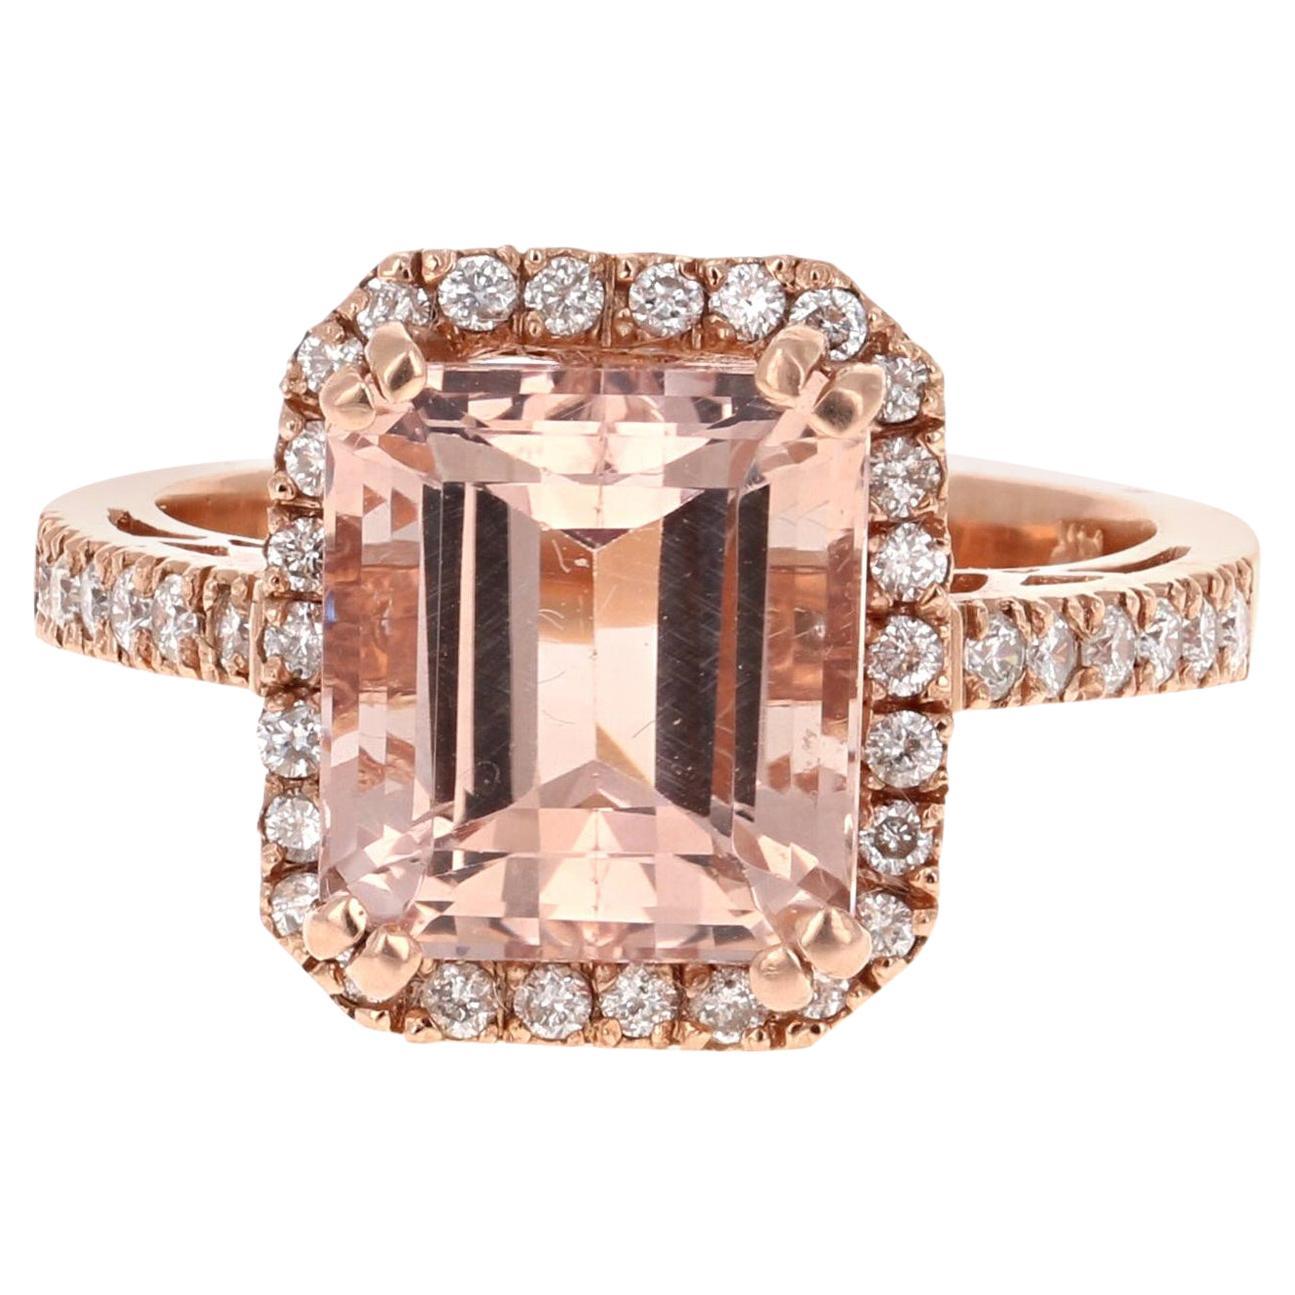 5.34 Carat Morganite Diamond Rose Gold Engagement Ring